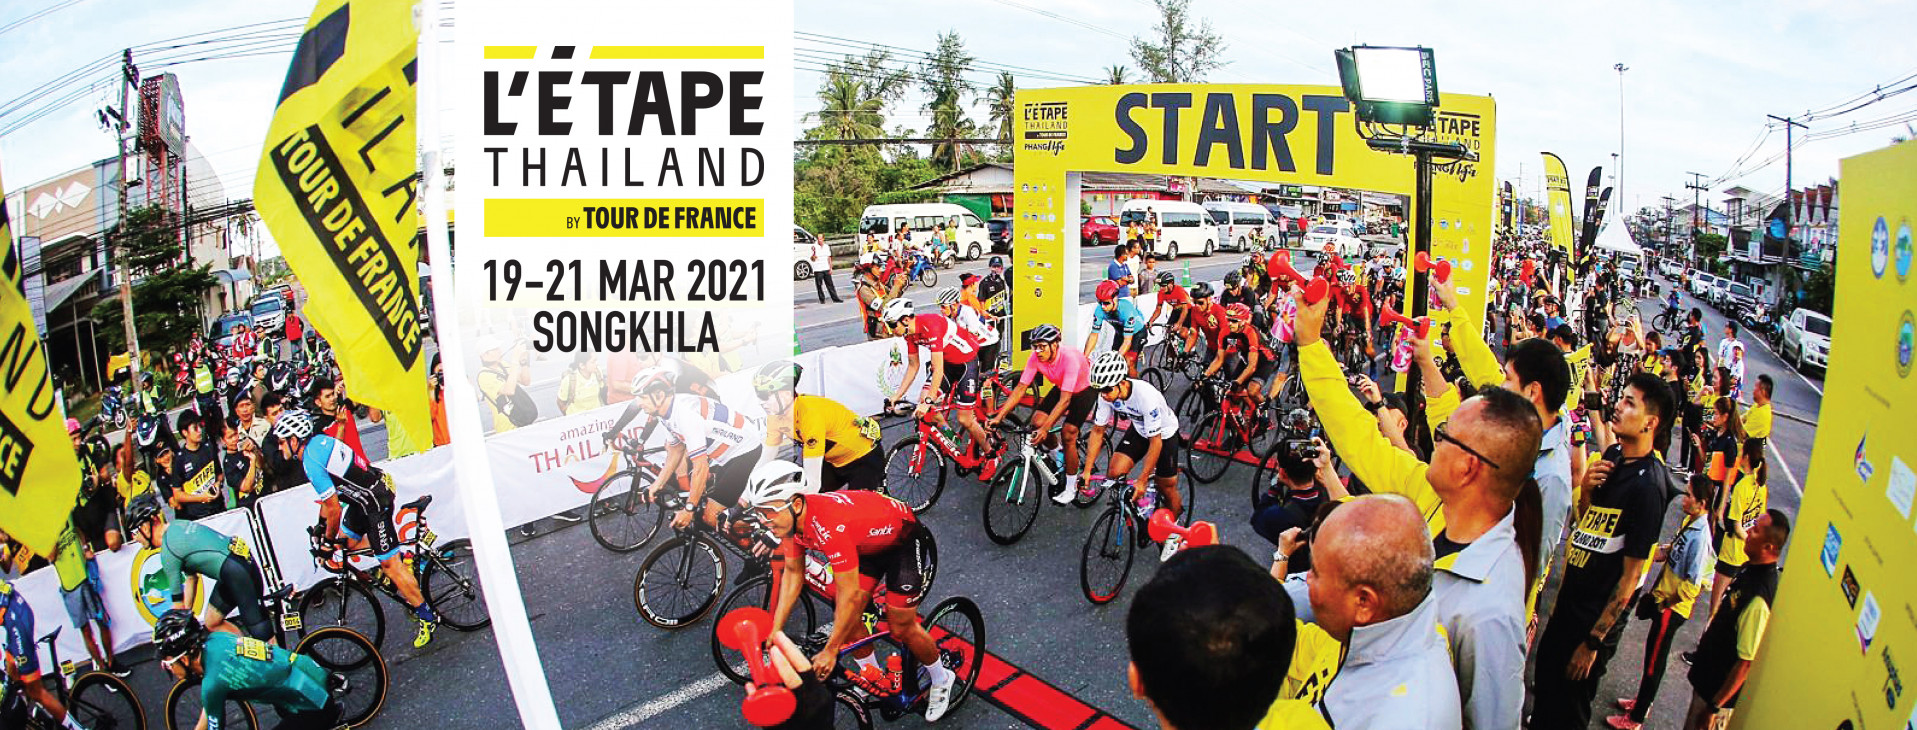 L'Etape Thailand by Tour De France